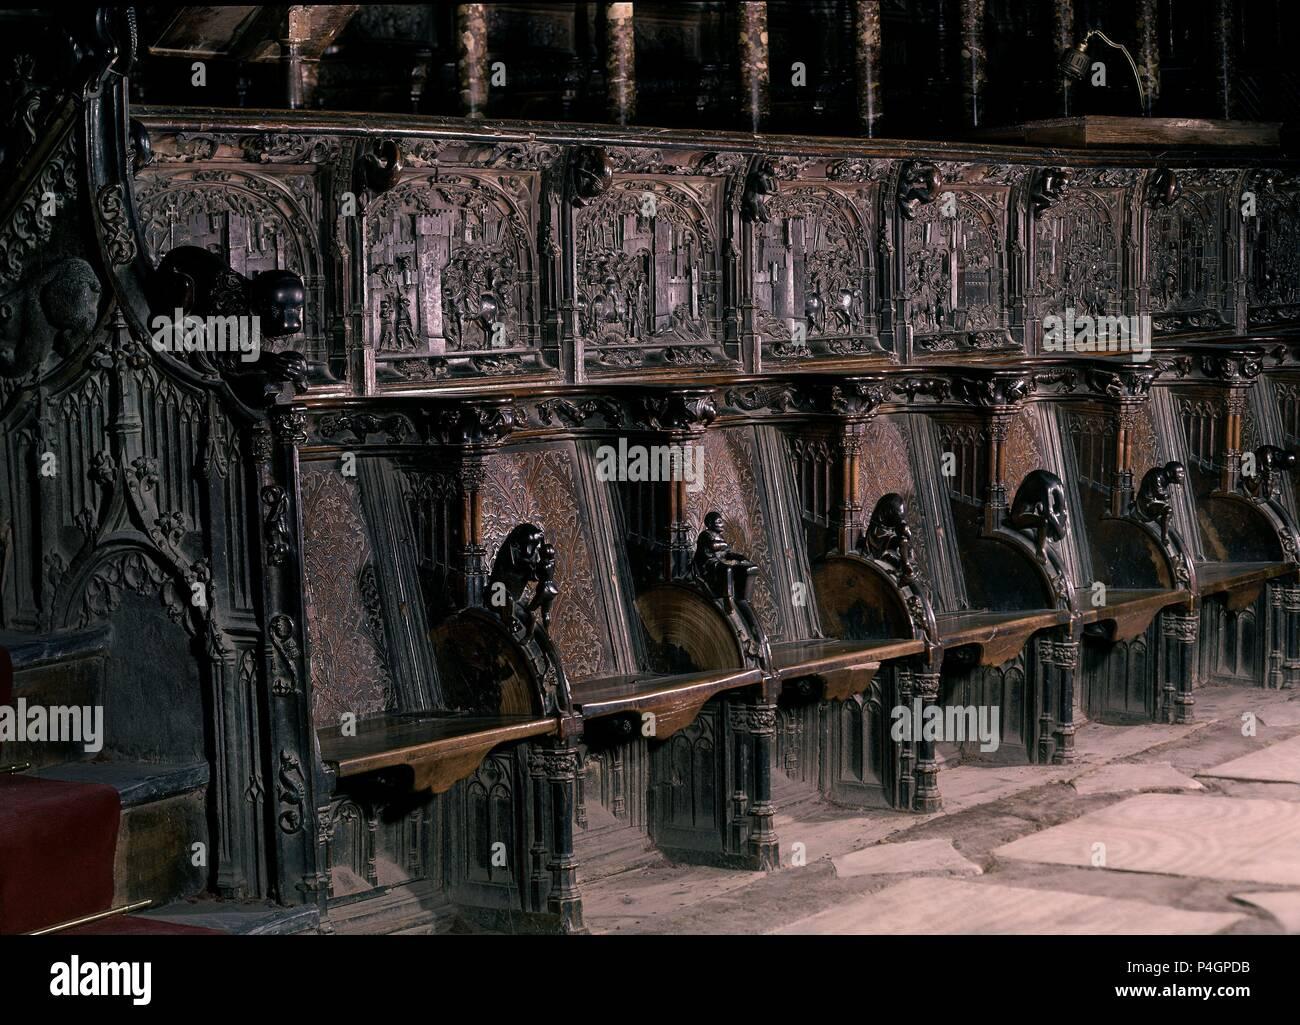 Silleria Del Coro Bajo De La Catedral De Toledo Realizada Entre 1495 Y 1498 Gotico Final Author Rodrigo Alemán 1470 1542 Location Catedral Coro Bajo Toledo Spain Stock Photo Alamy